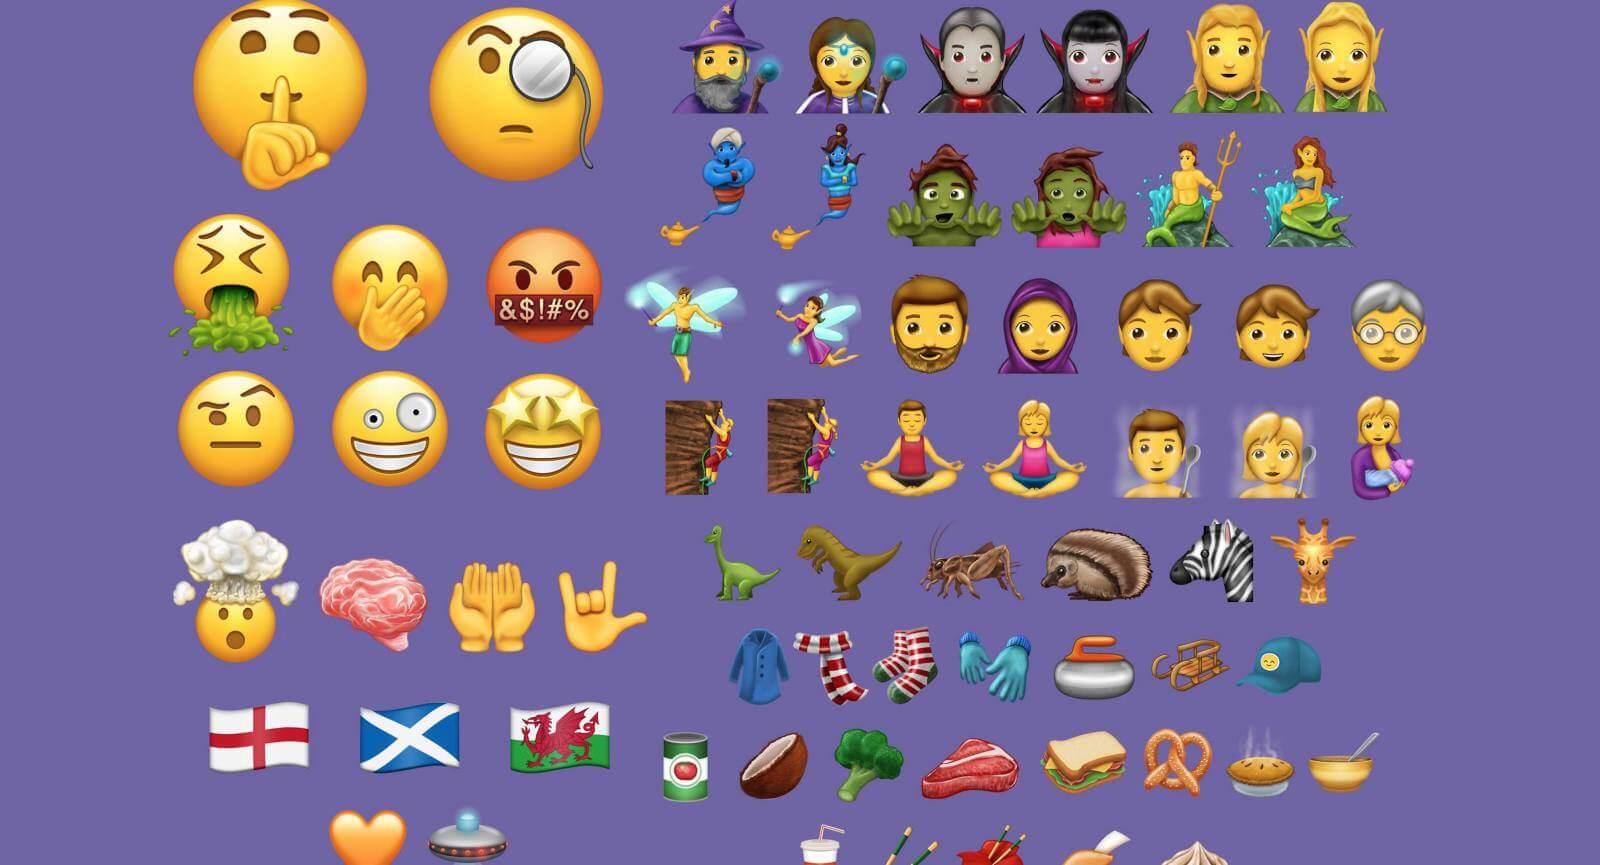 iOS 11.1 Emojis (verschiedenste Emojis)